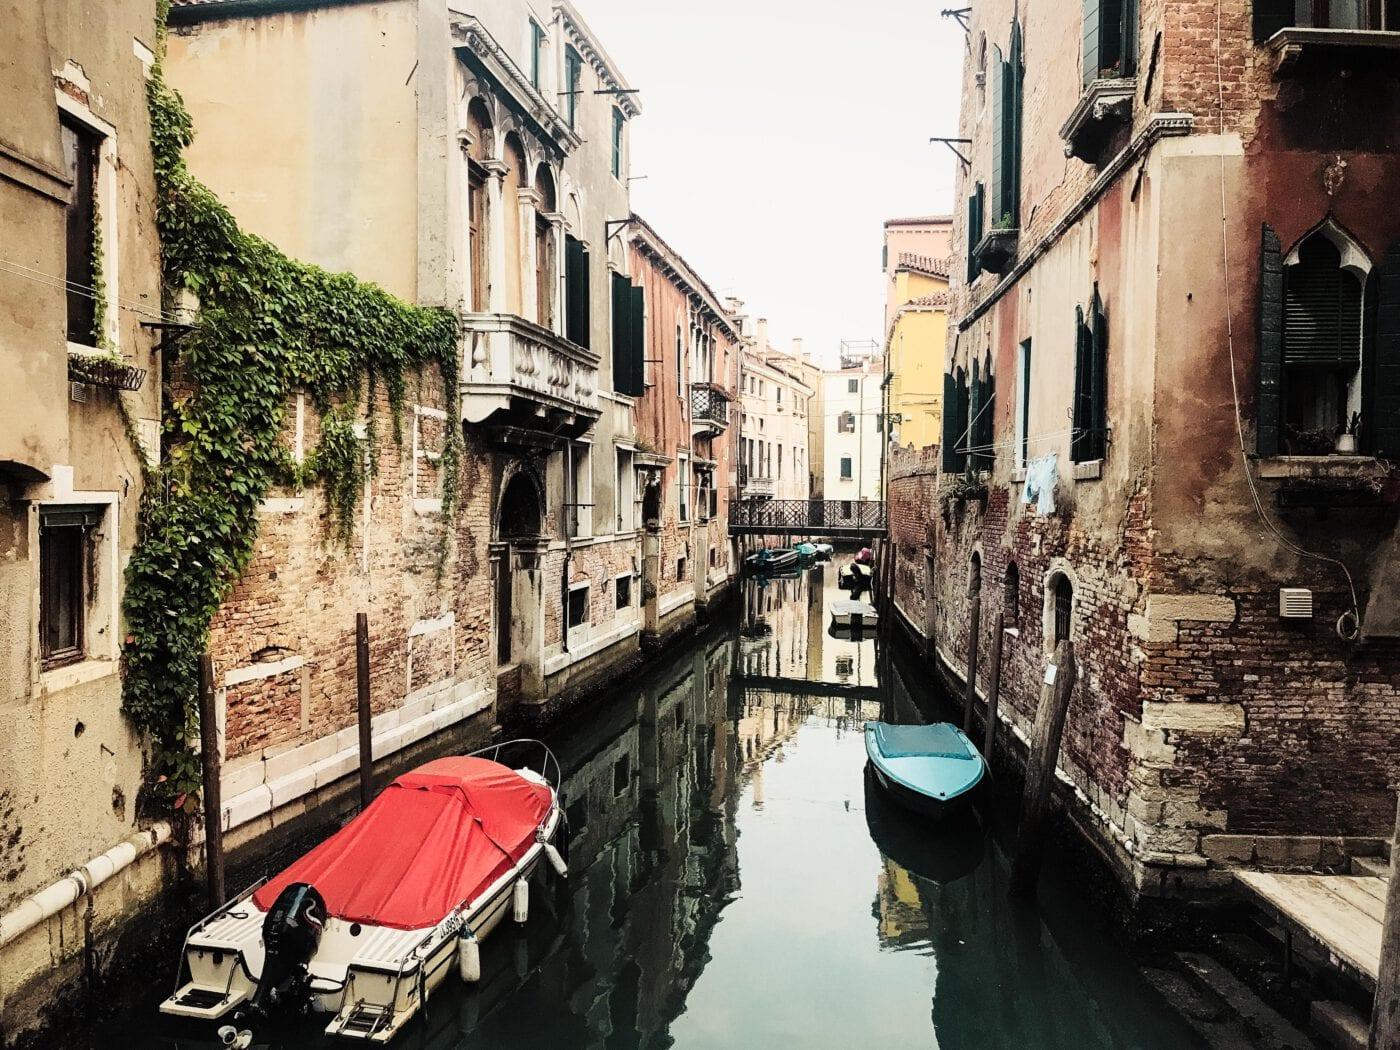 Traumpfad München-Venedig: Erfahrungen, Tipps, Infos